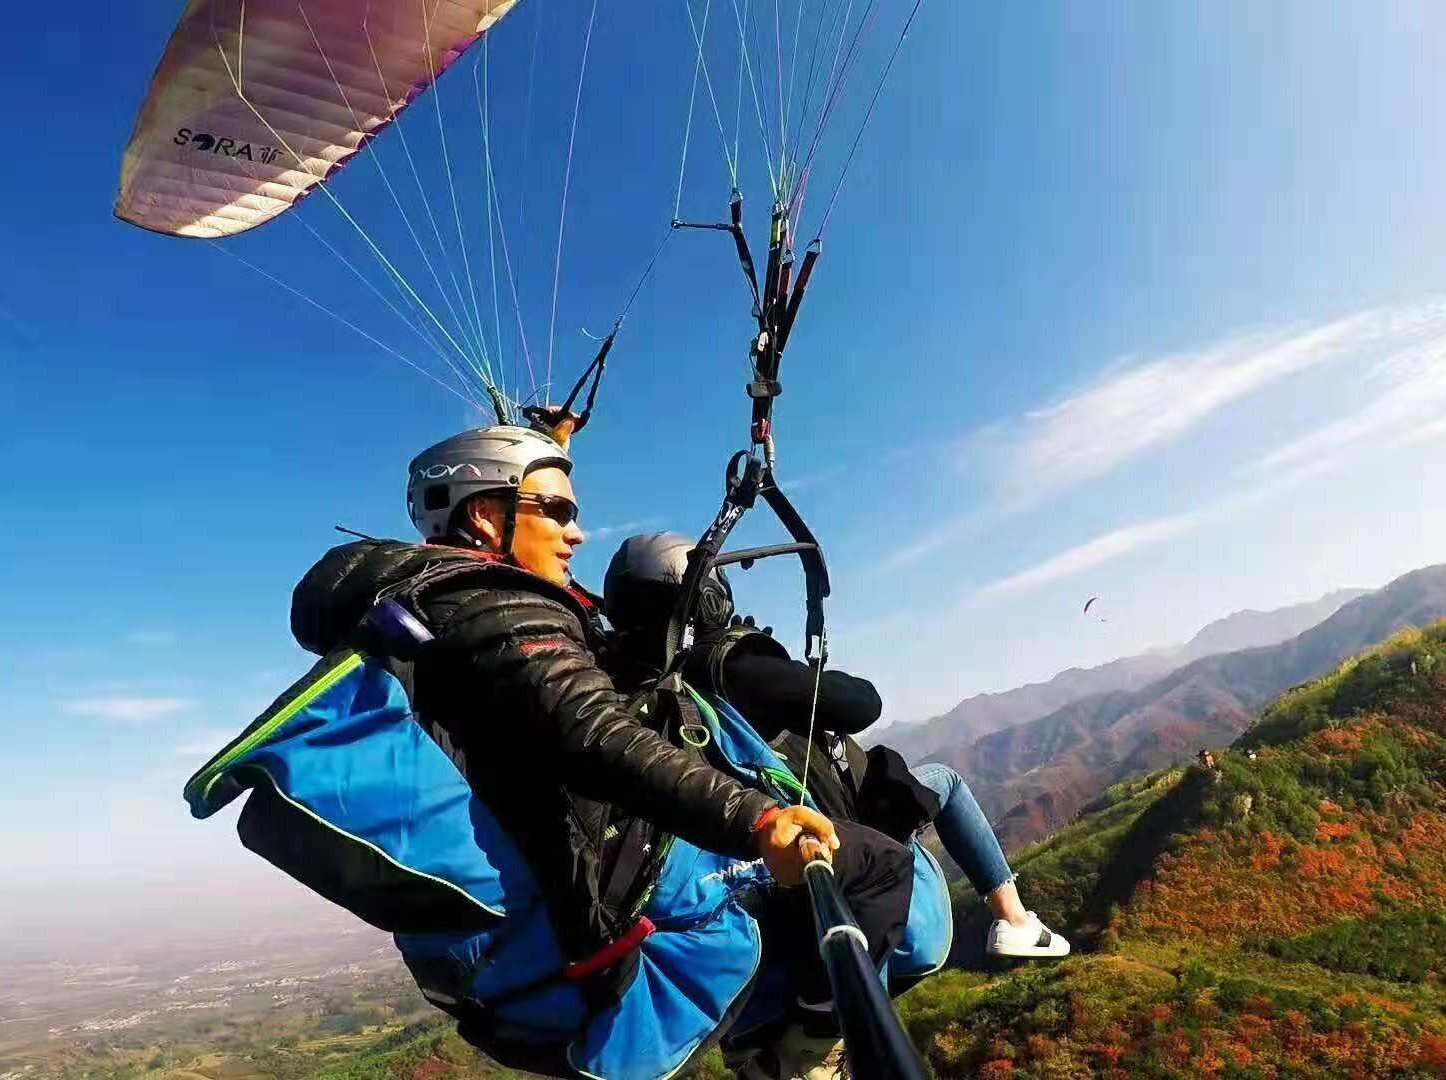 超级划算299元,原价680智峰山滑翔伞